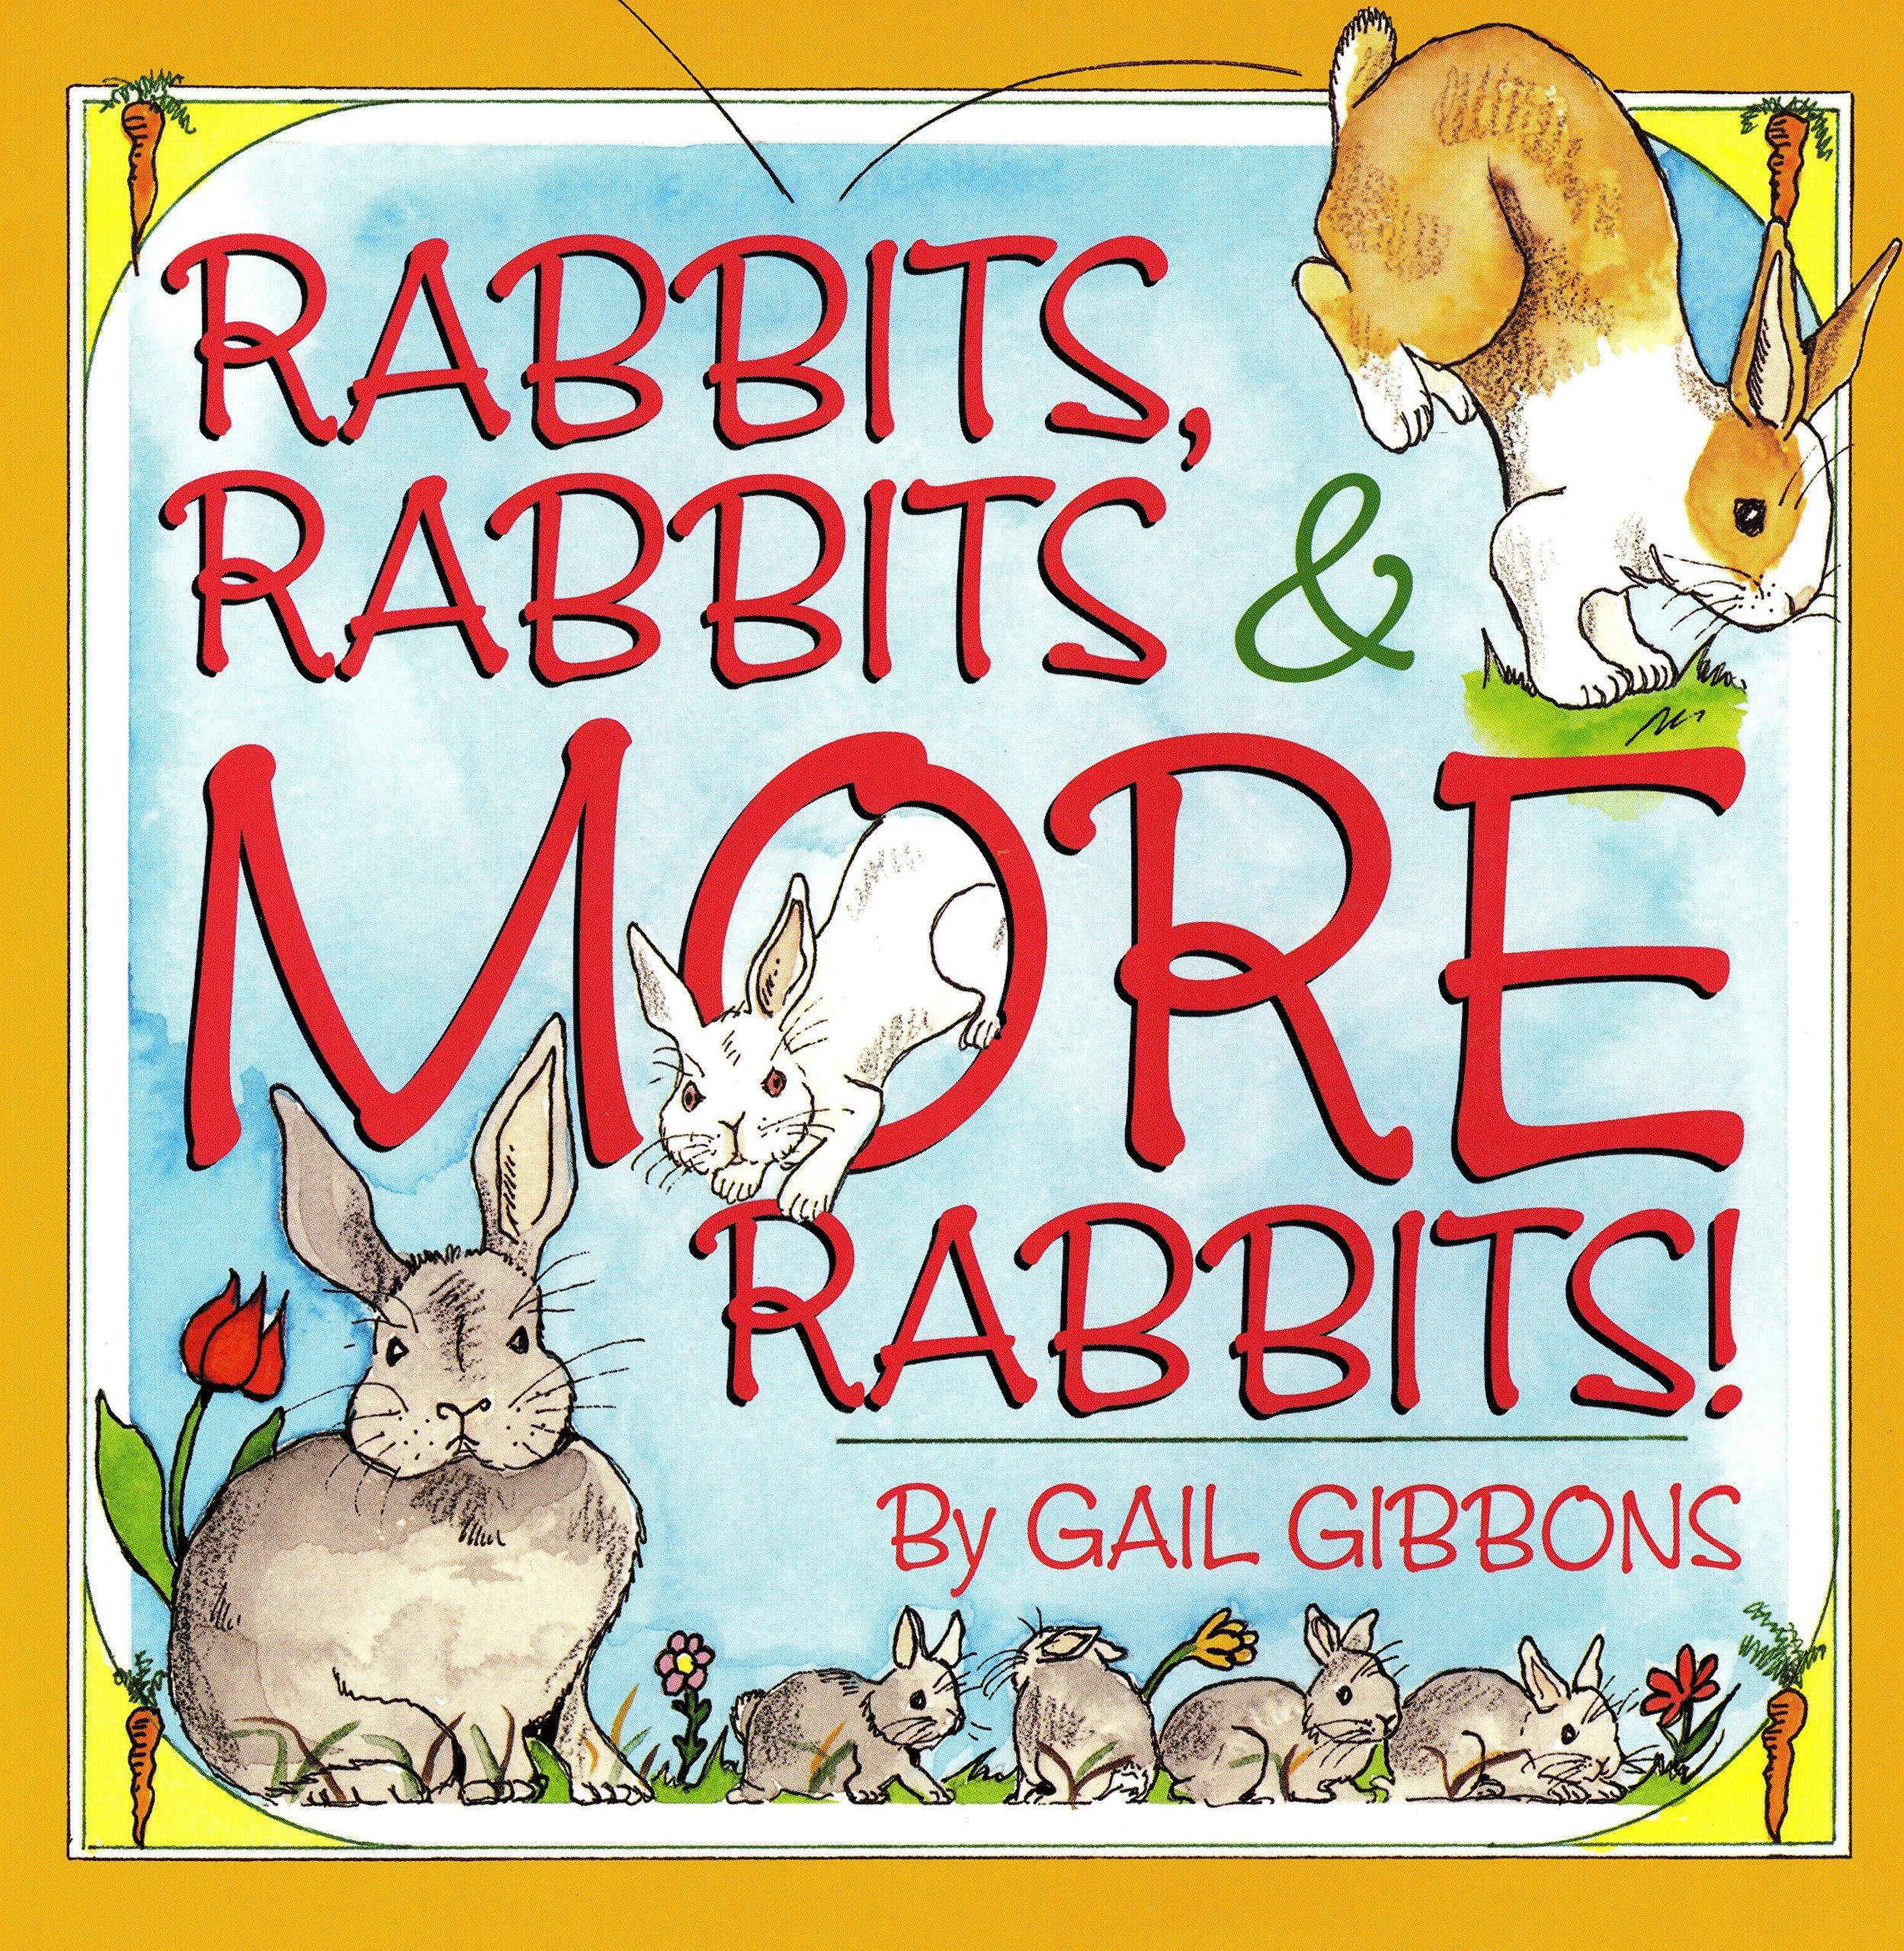 Rabbits, Rabbits & More Rabbits ebook